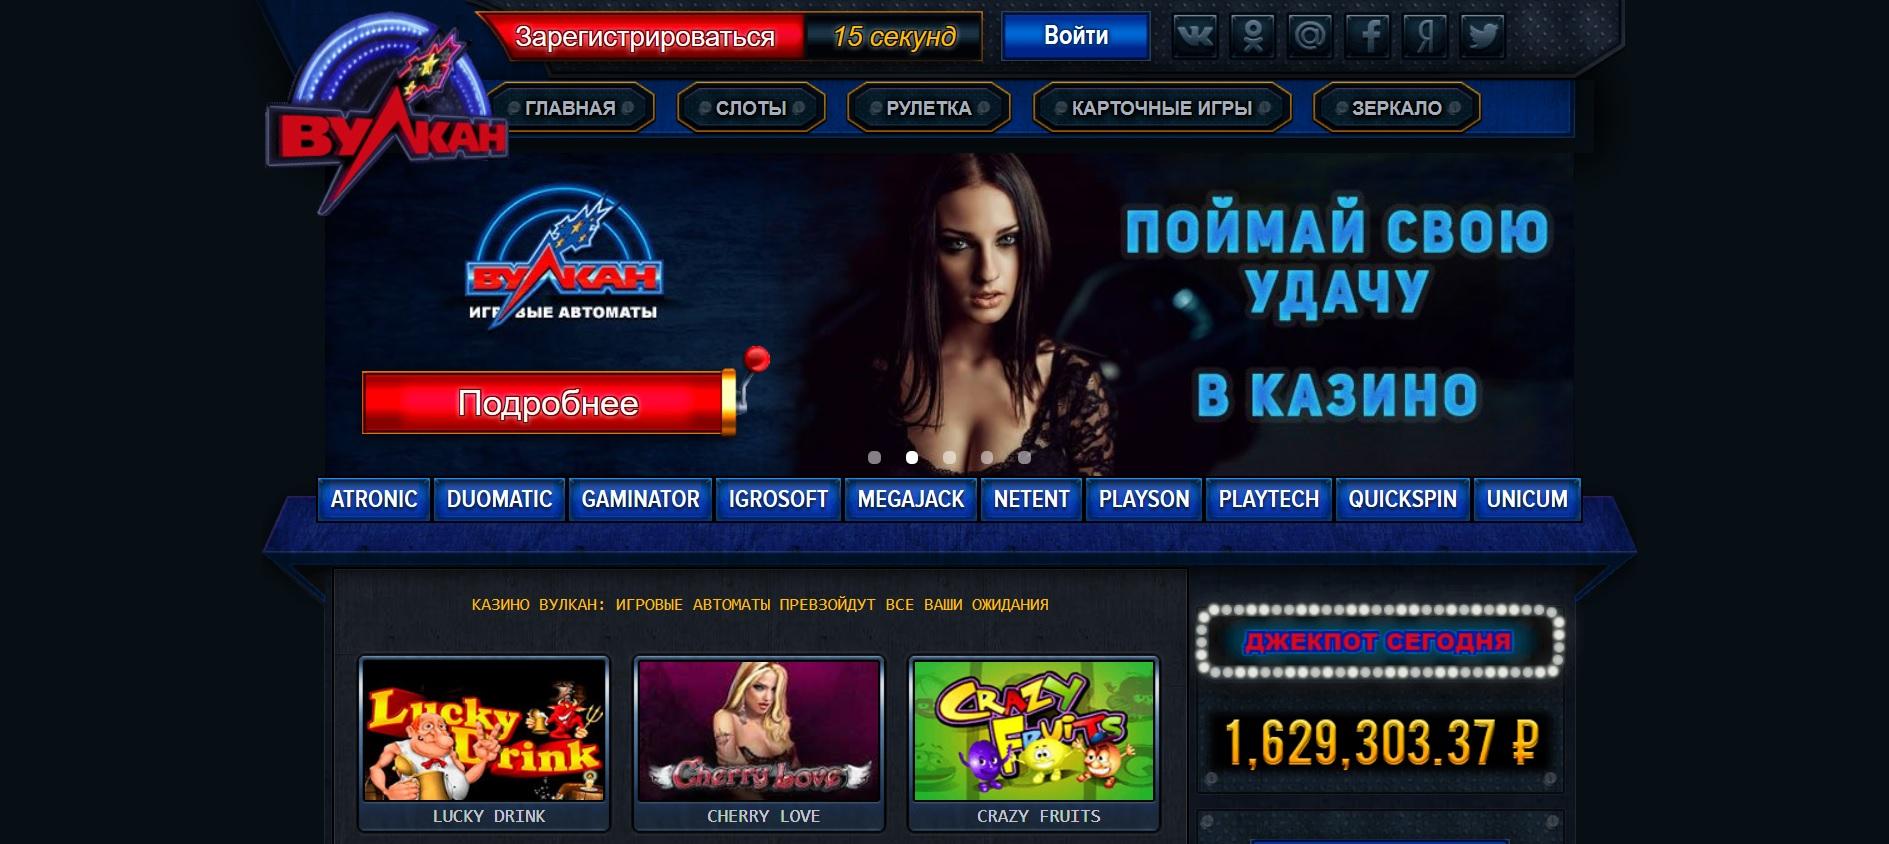 Бесплатные казино игры играть бесплатно онлайн